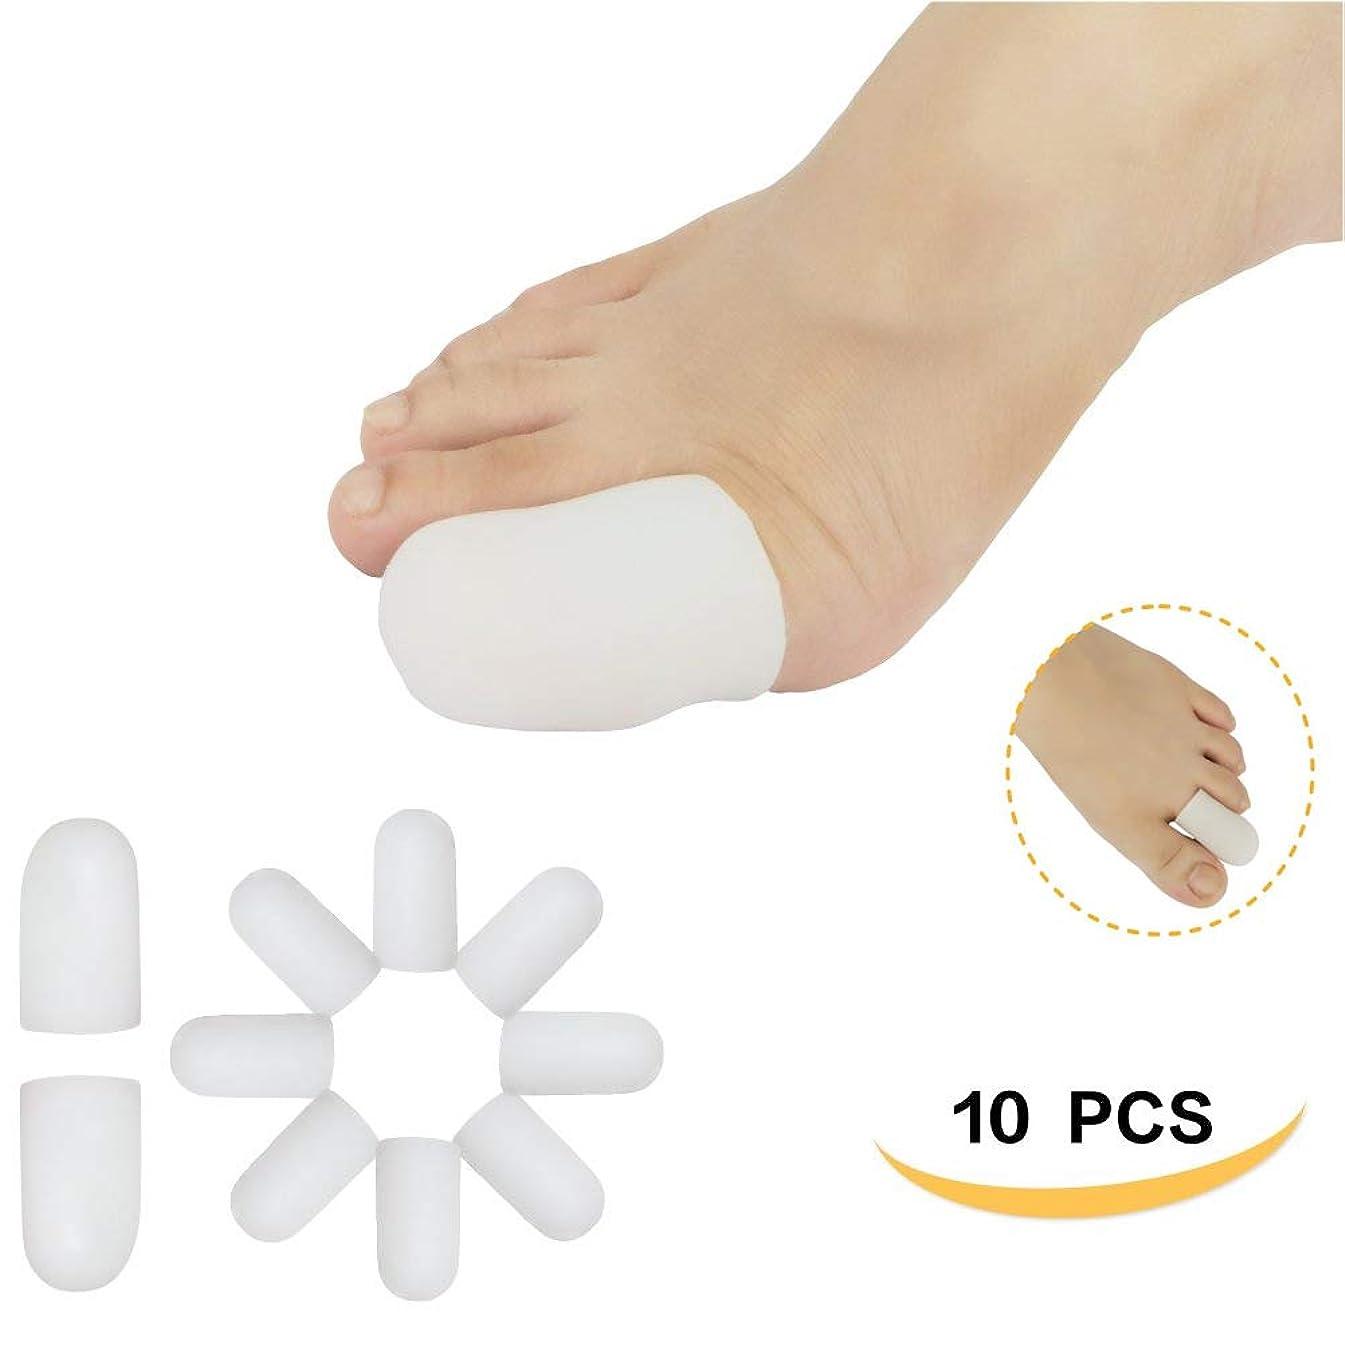 疑問を超えて発生器提供されたPnrskter ジェル 足指 キャップ プロテクター 足指 袖 水疱用 トウモロコシ、ハンマーつま先、巻き爪、爪損失、摩擦疼痛緩和 など (type1(20 個入り))